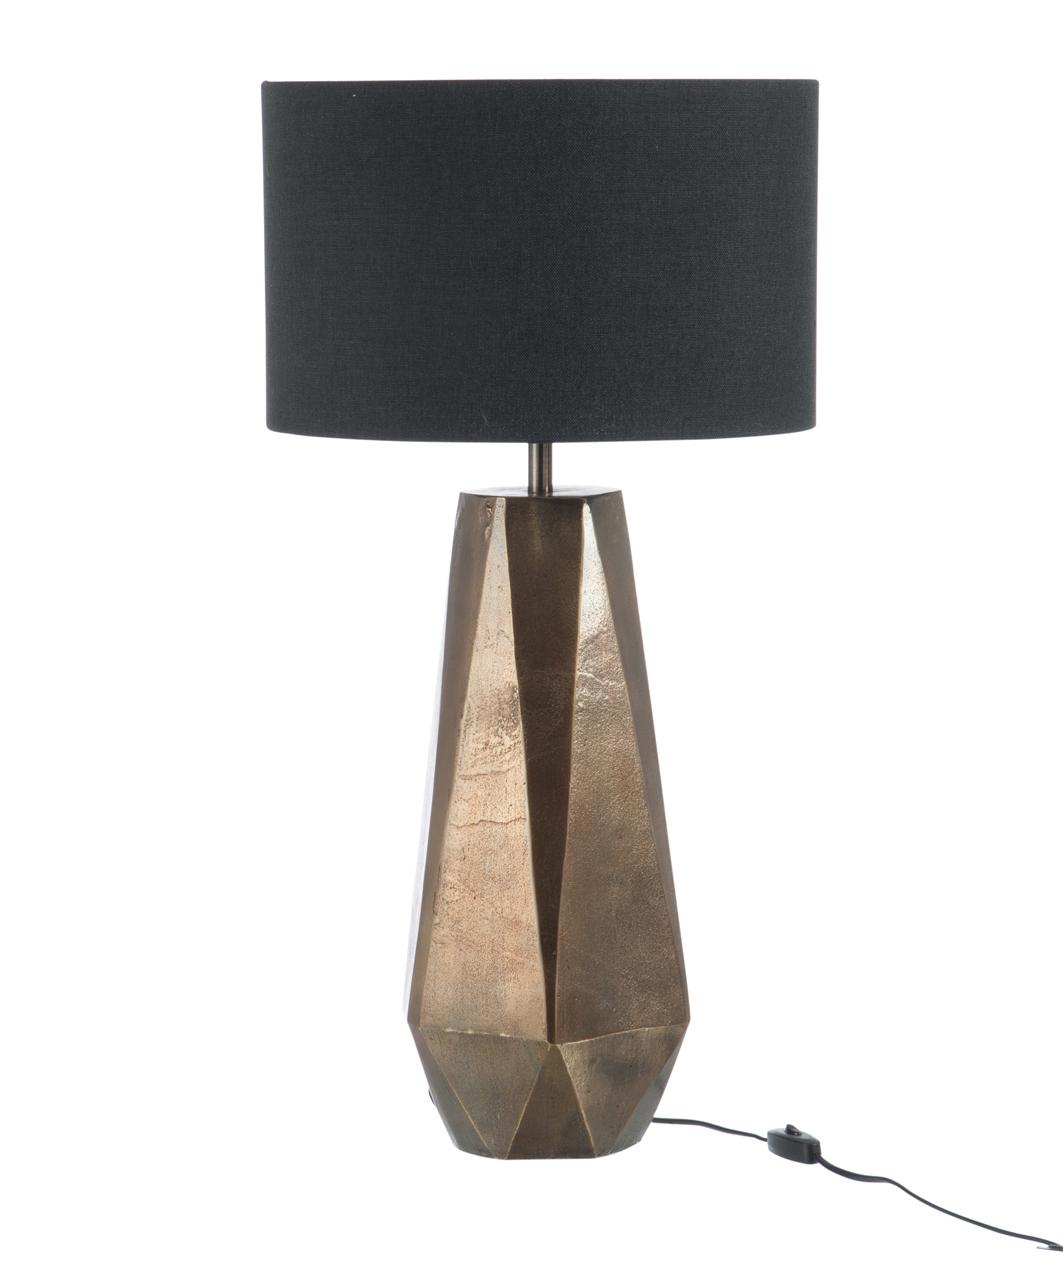 H53cm D21 Lampe En Teintes Alu Jour Sur Gris OrAbat Pied UjSzMGqpLV